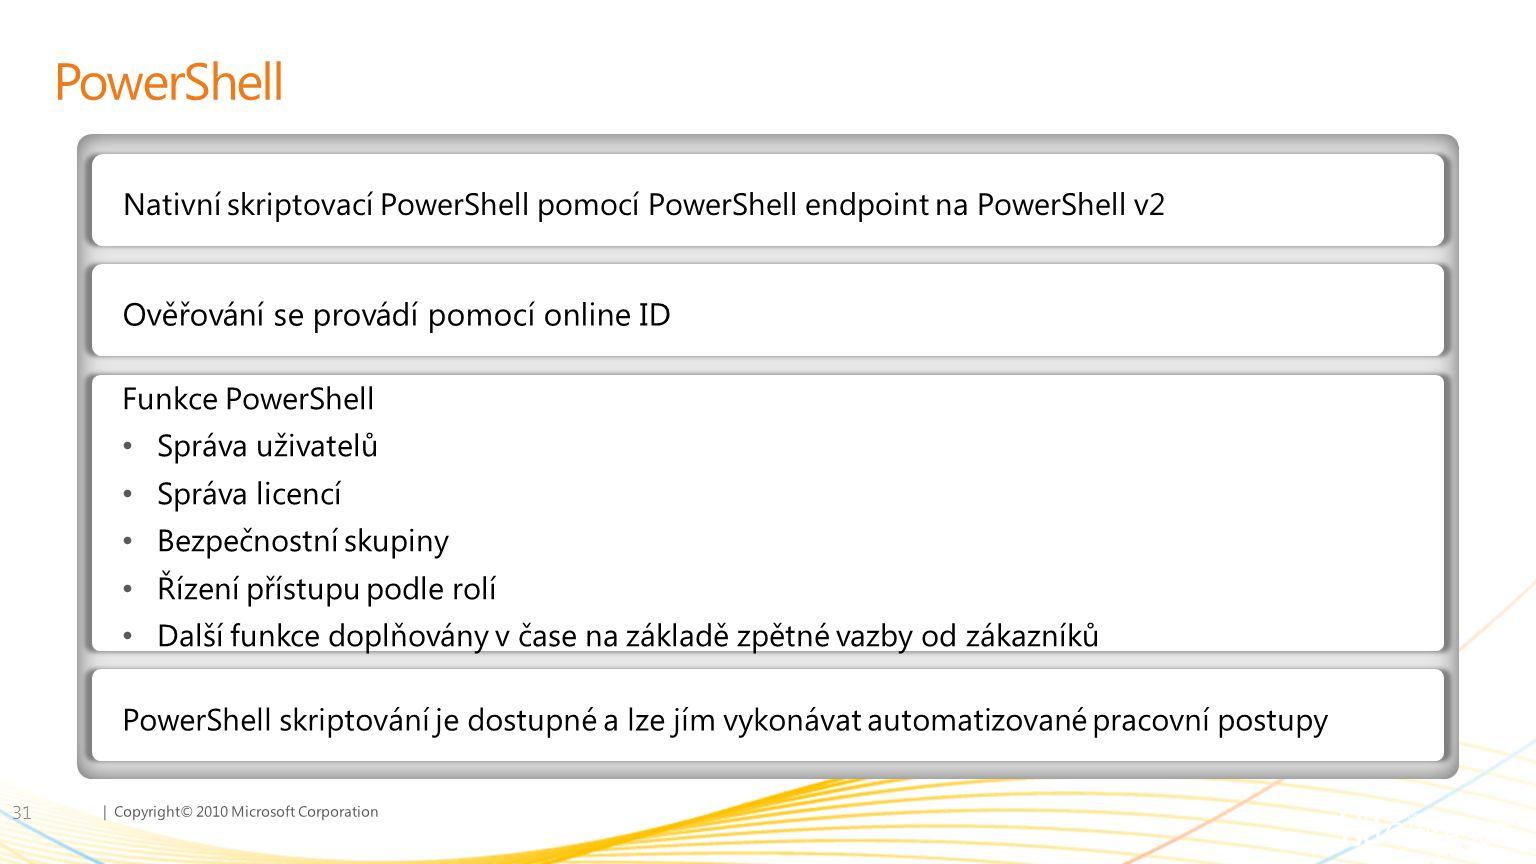 | Copyright© 2010 Microsoft Corporation PowerShell 31 Nativní skriptovací PowerShell pomocí PowerShell endpoint na PowerShell v2 Ověřování se provádí